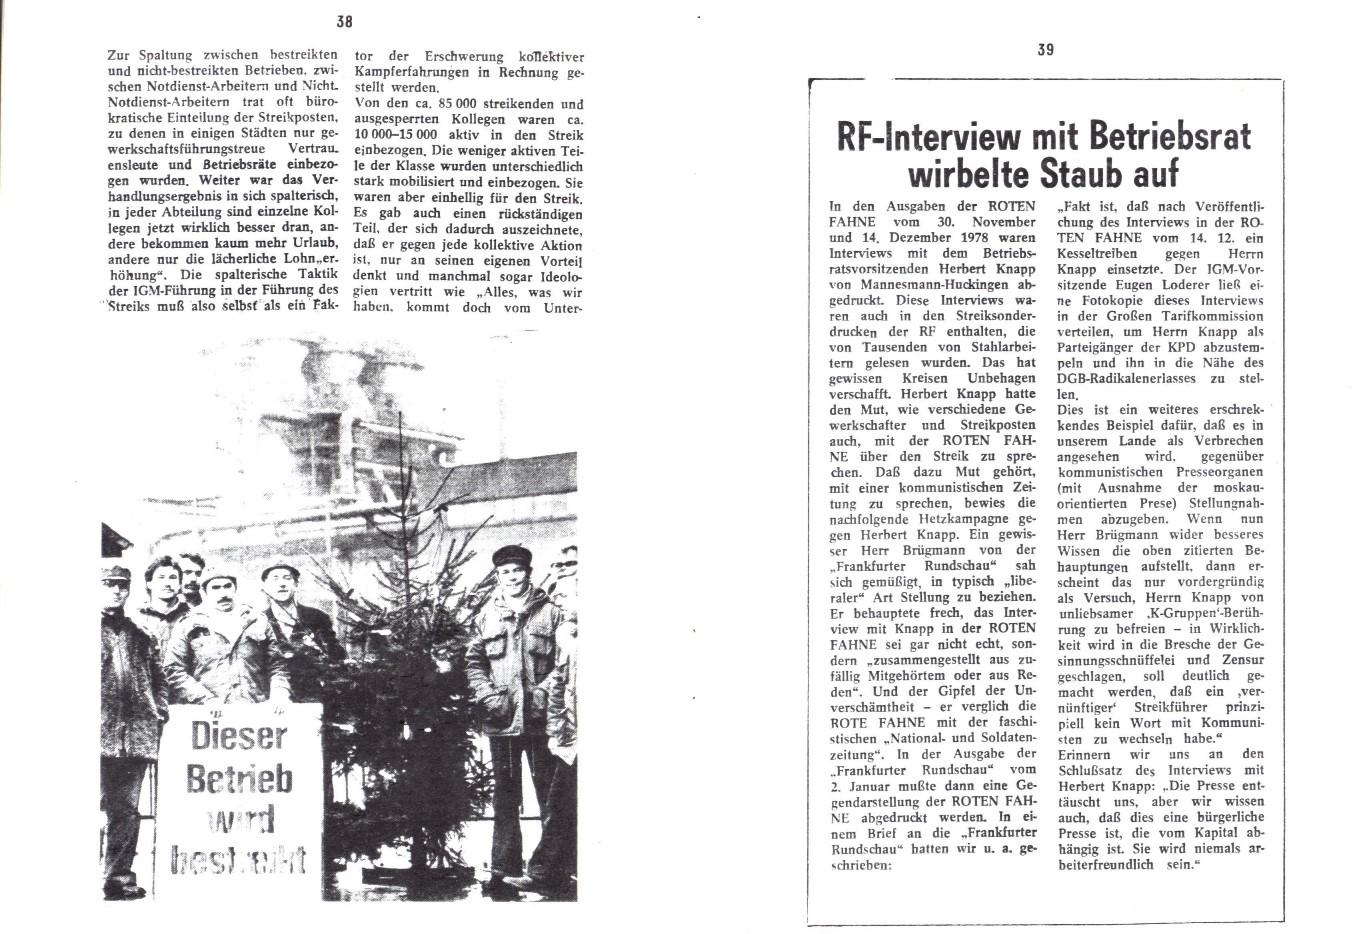 KPDAO_1979_Streik_in_der_Stahlindustrie_21